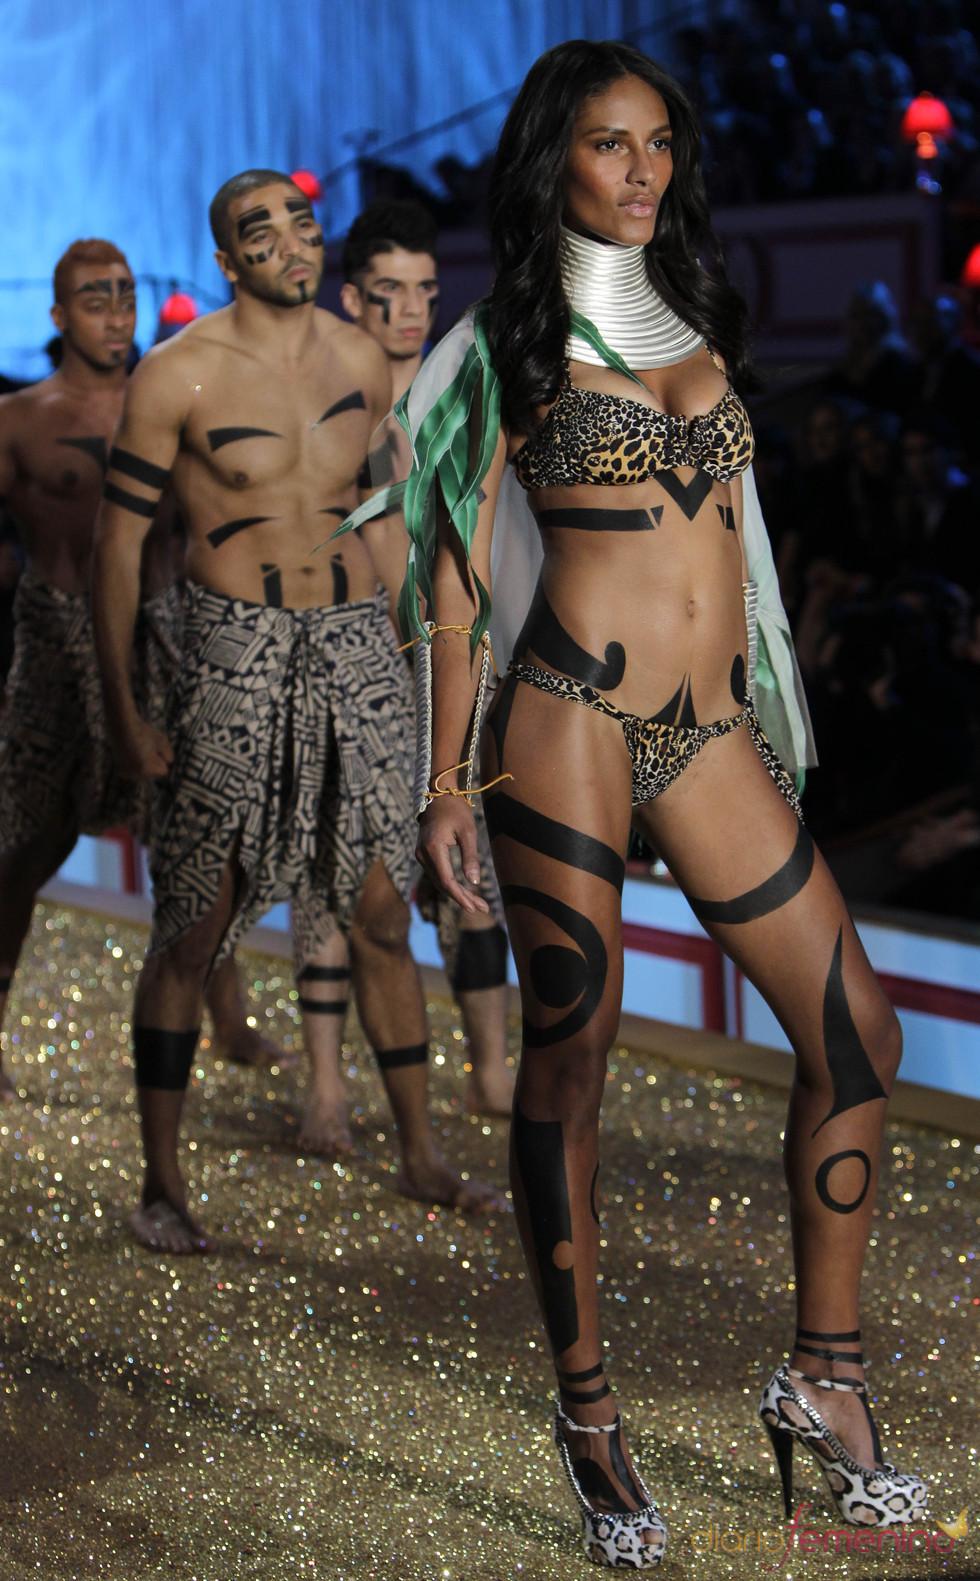 Modelo sexy en el desfile de Victoria's Secret